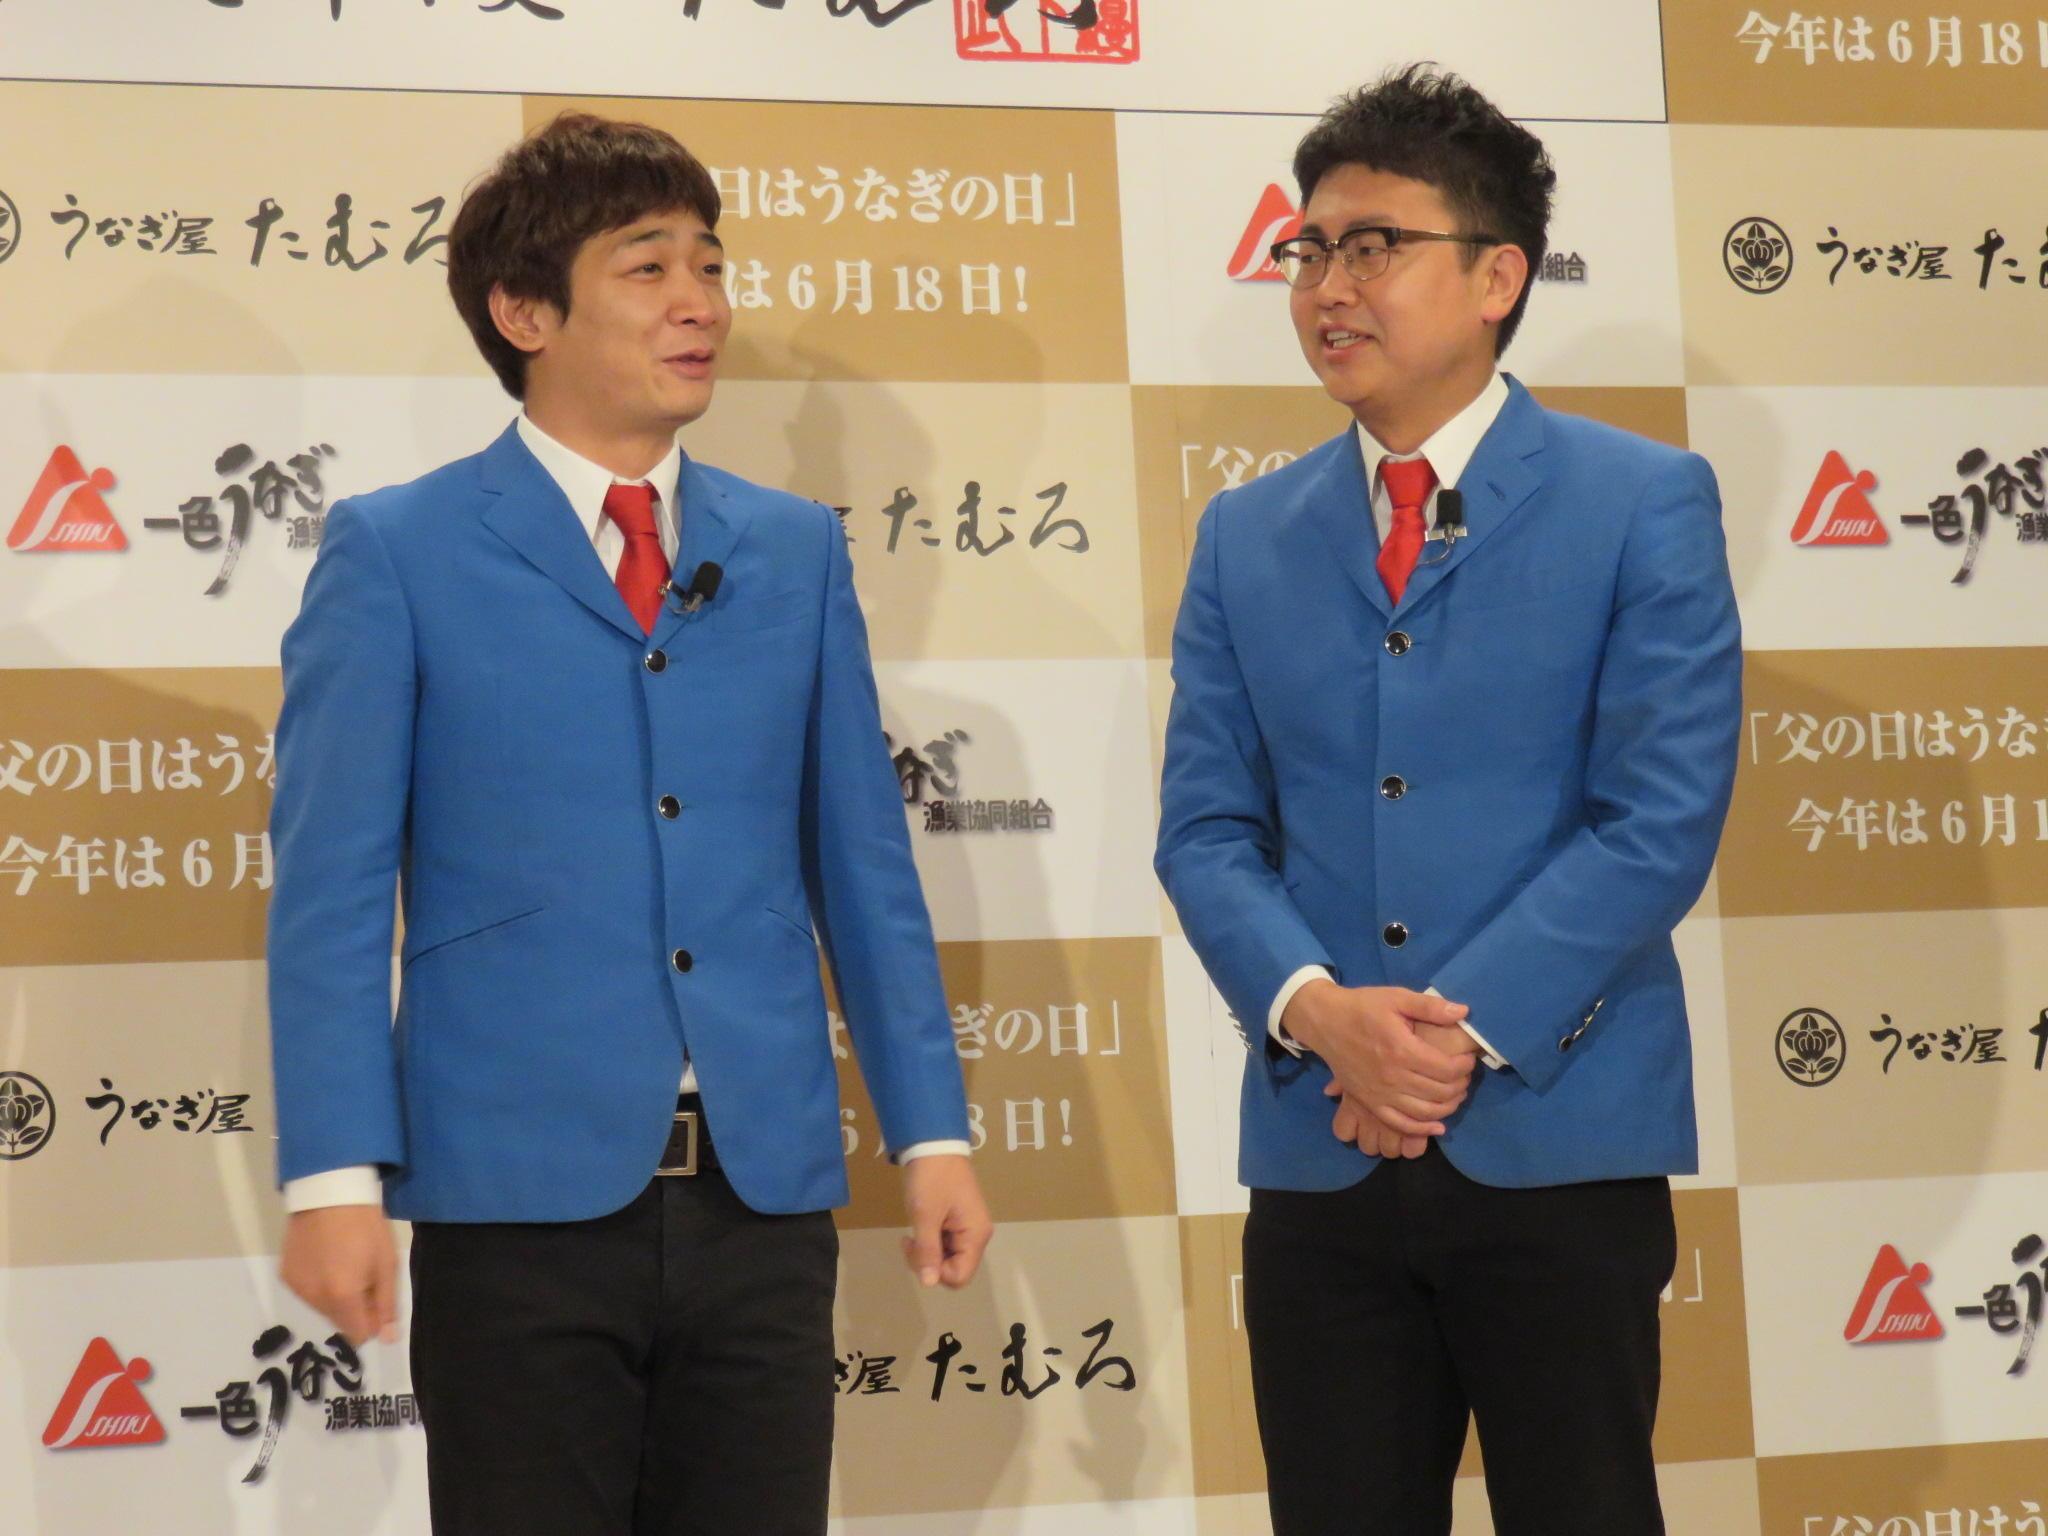 http://news.yoshimoto.co.jp/20170531162728-41c9c95e4c2845e34df1f9d91f18aade35dabd98.jpg